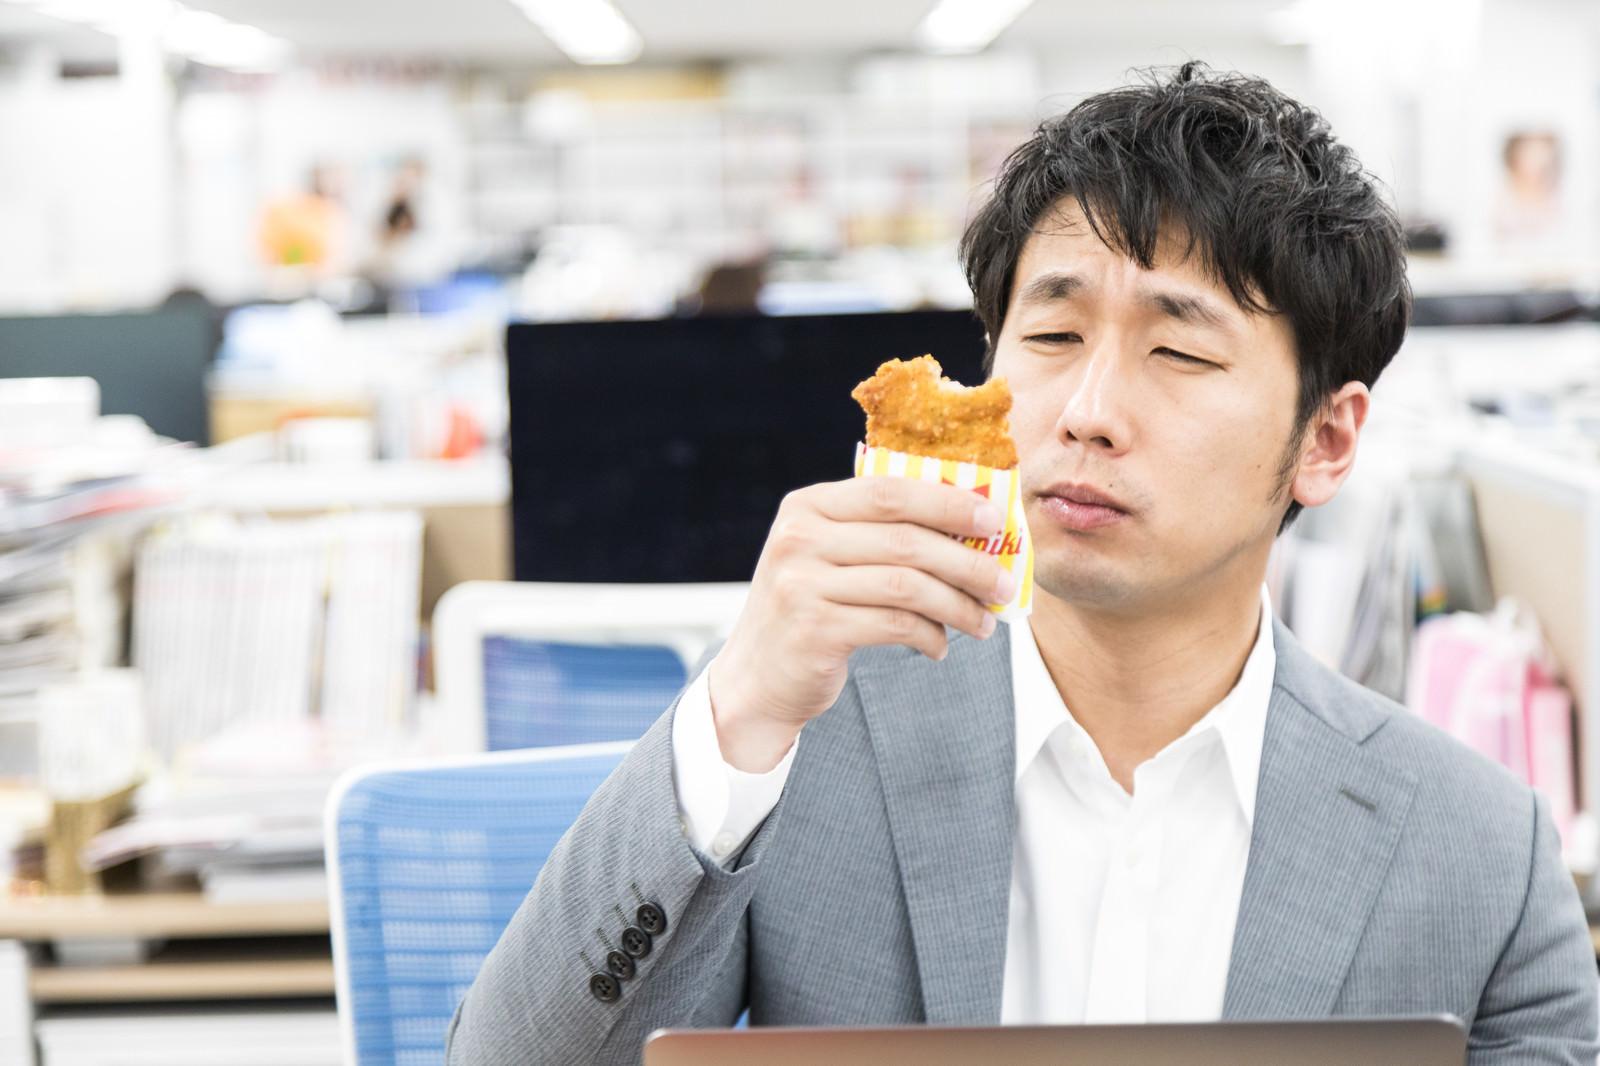 「フライドチキンの味にご満悦の男性」の写真[モデル:大川竜弥]